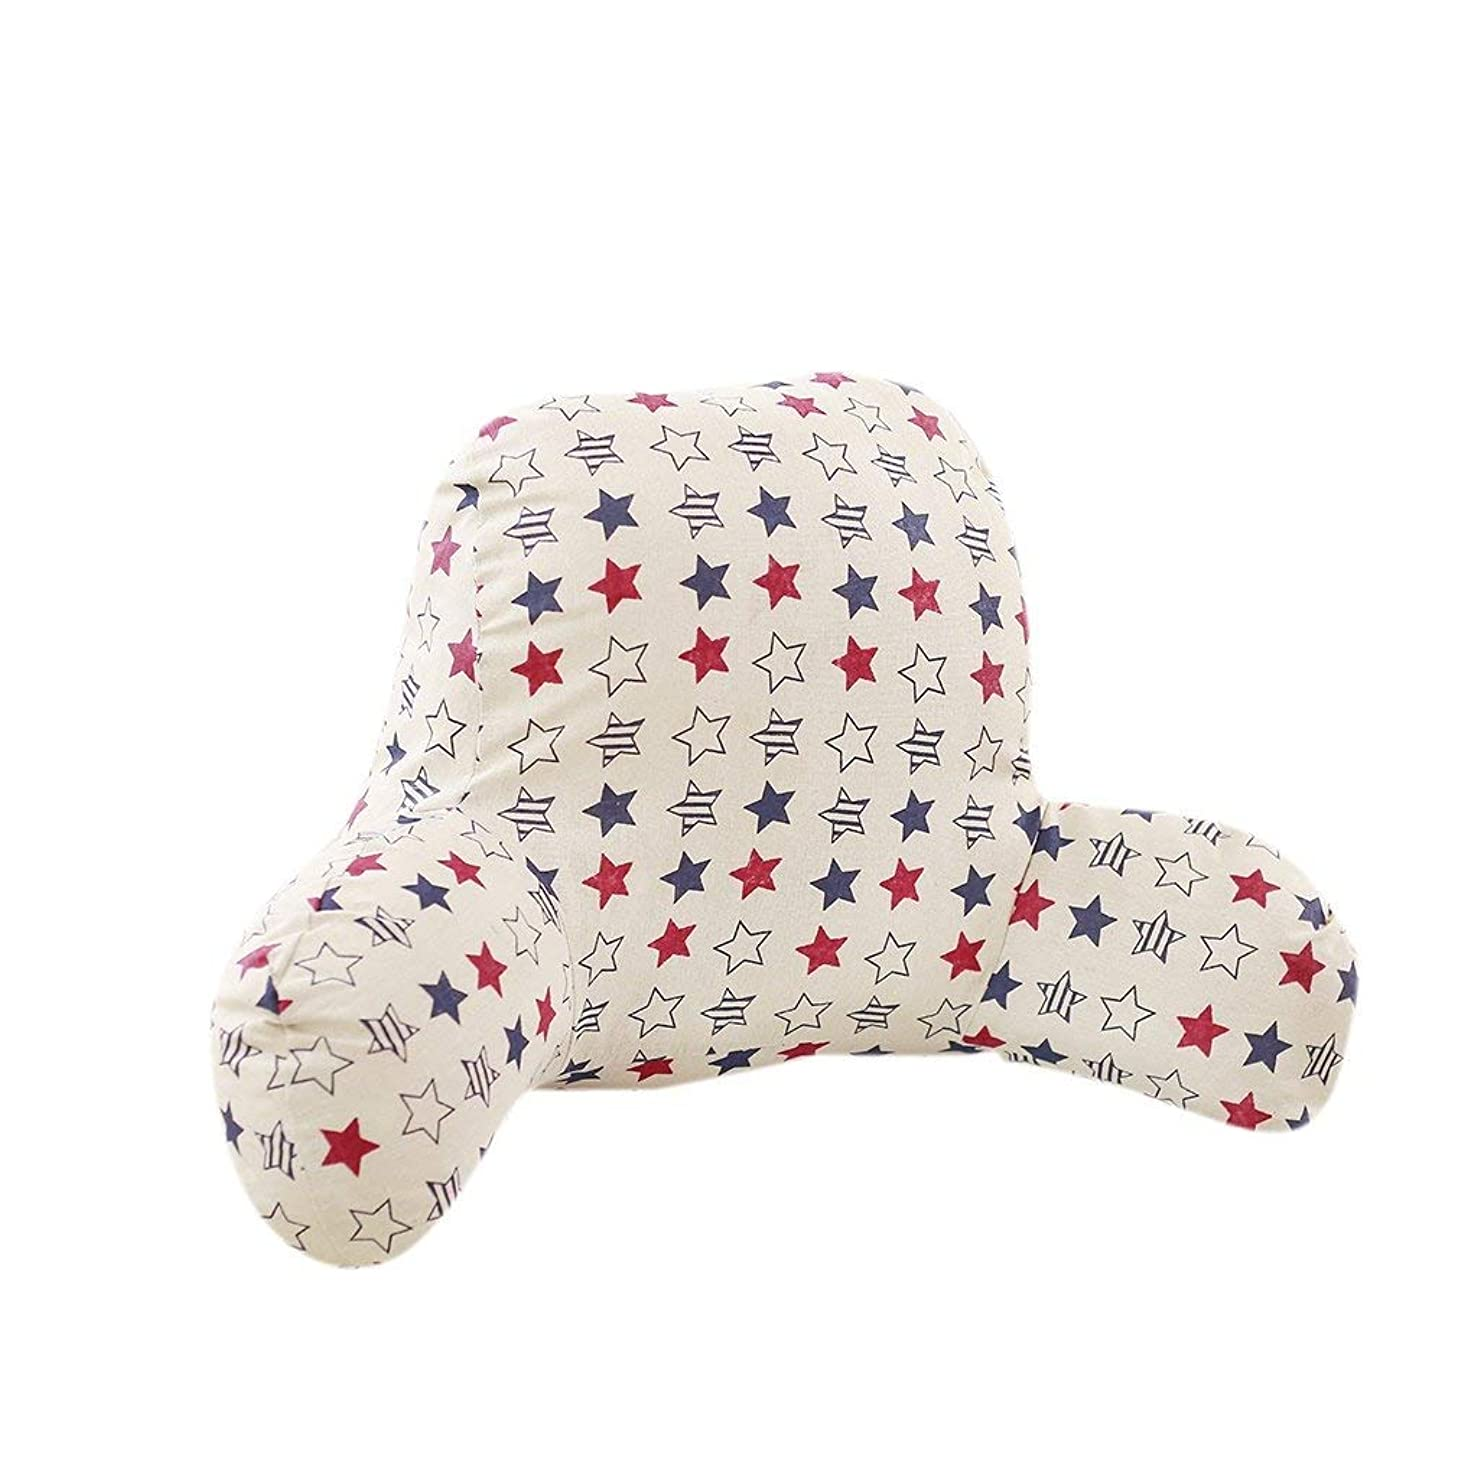 再生的シニス事故2J-QingYun Trade 大きな保護ウエスト枕オフィスベルト枕妊娠中の女性の ウエスト腰椎クッション枕クッション (Color : A)